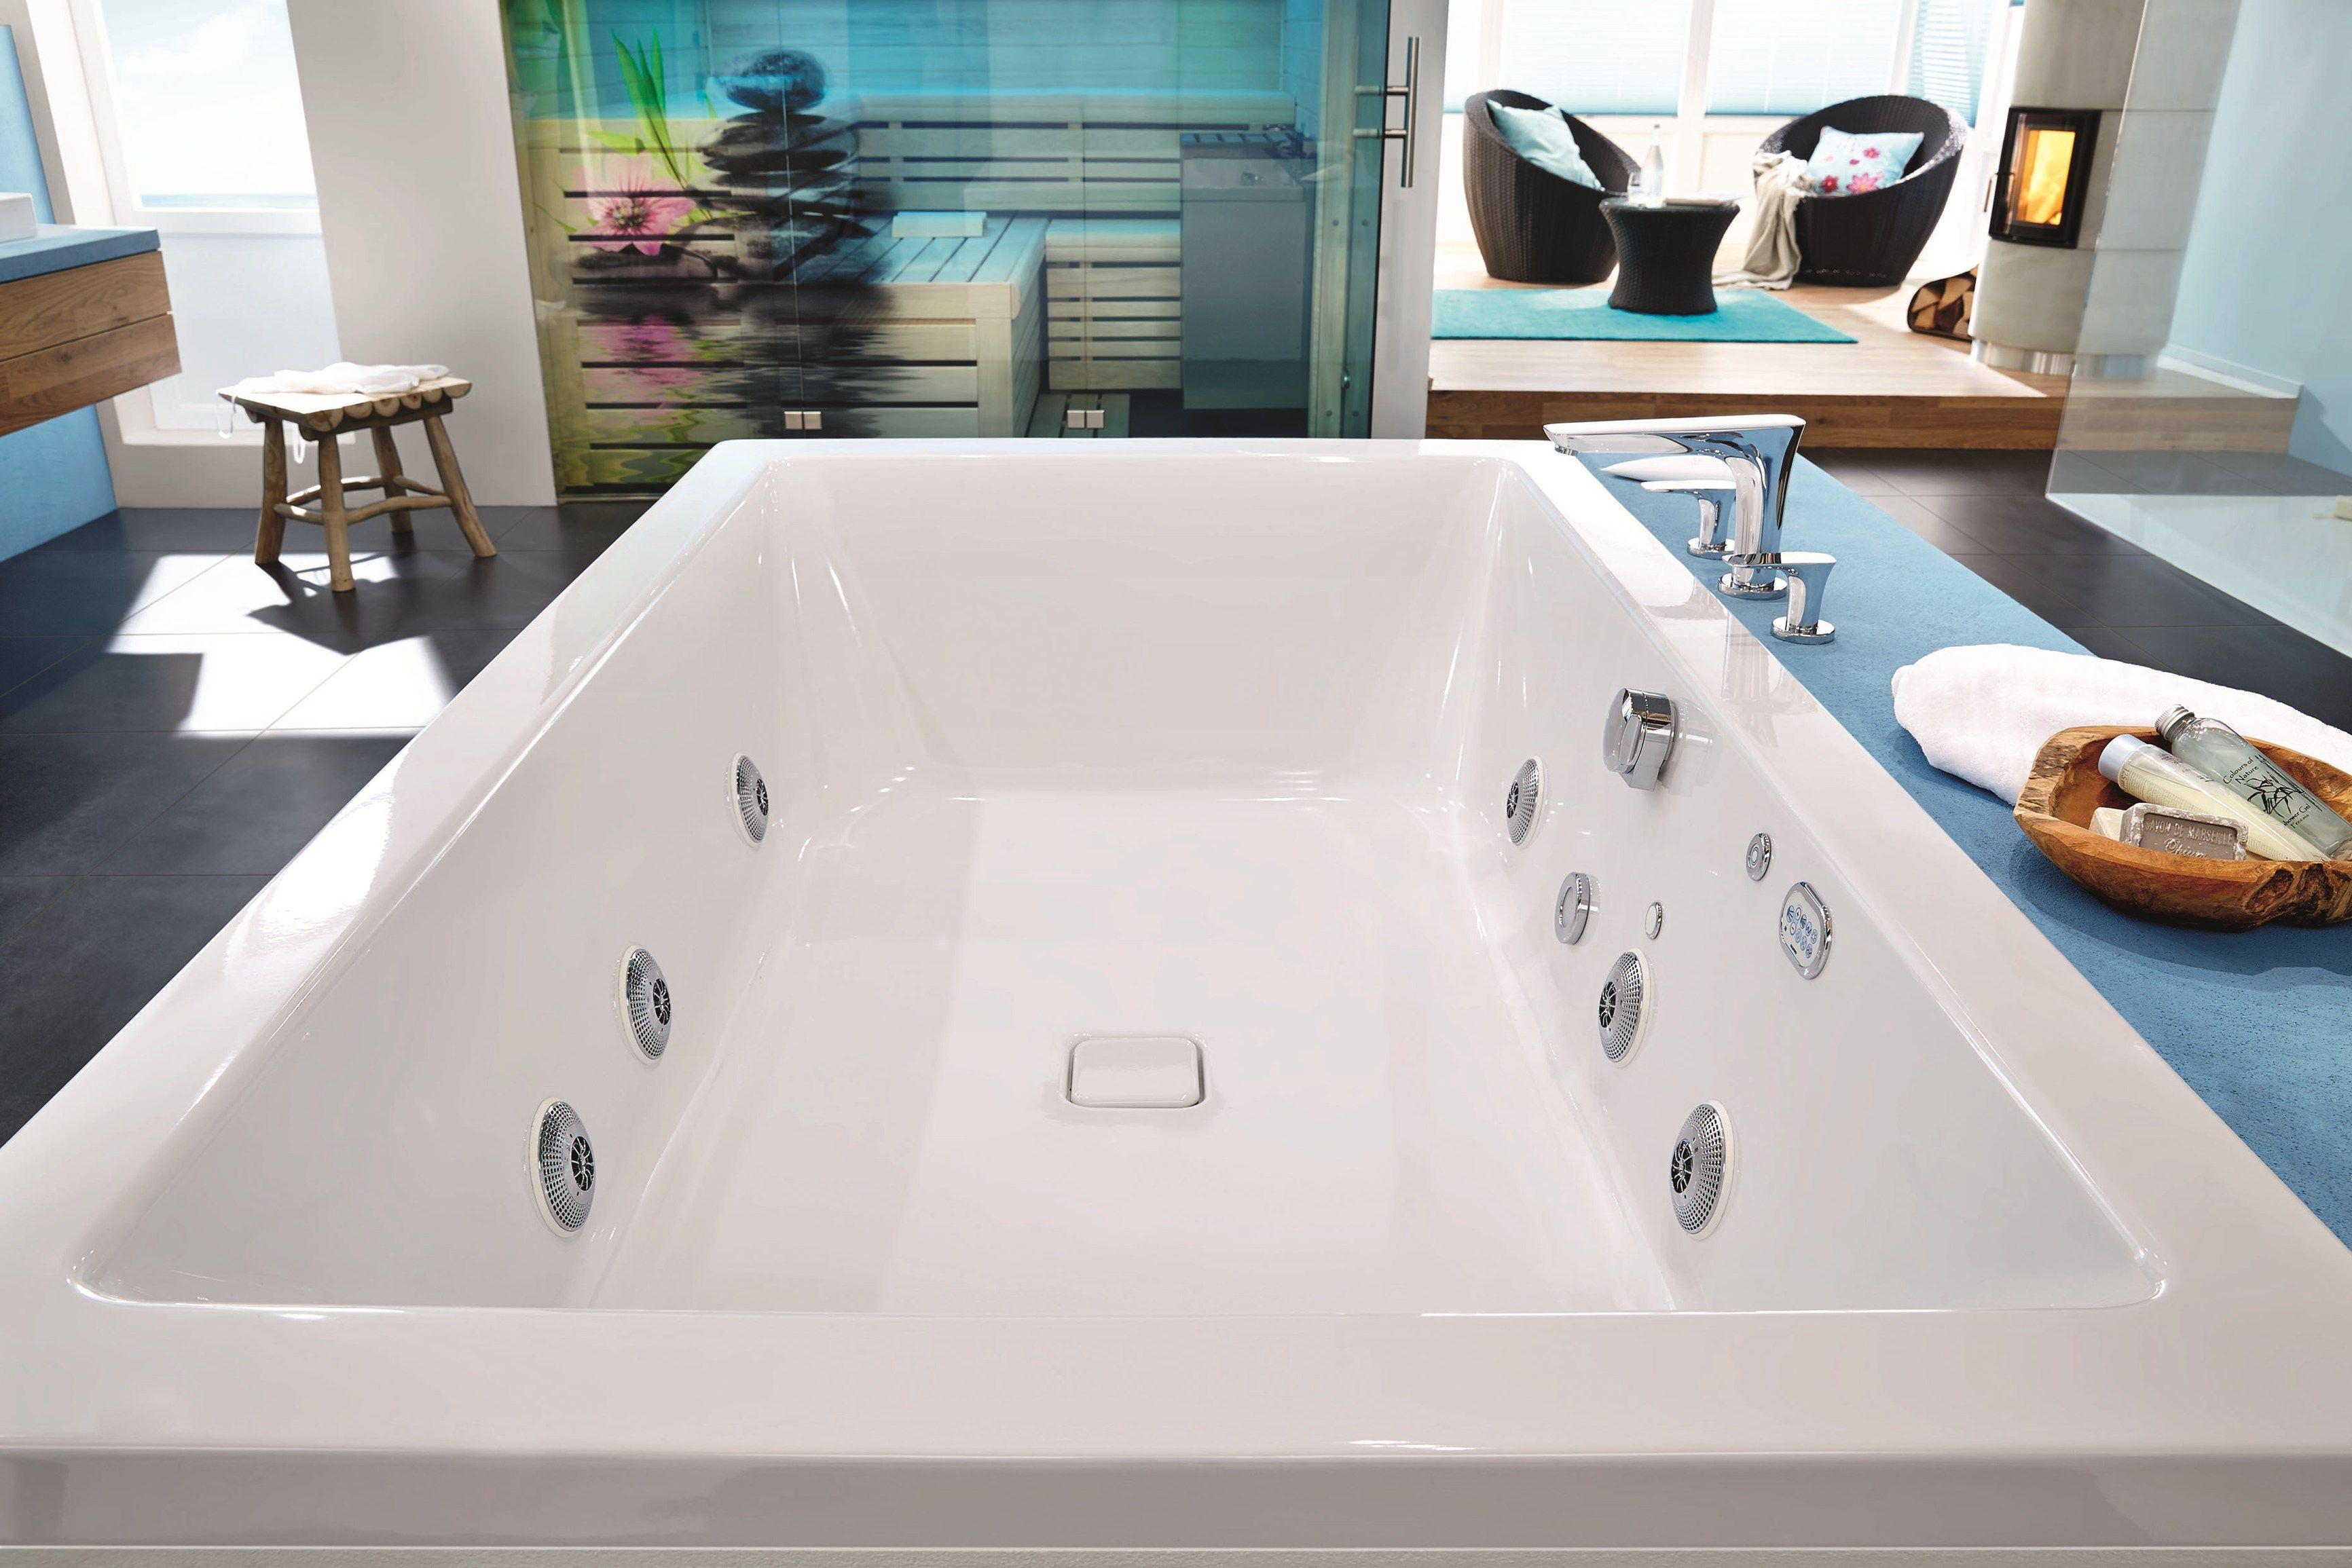 Whirlpool einbau badewanne f r chromotherapie conopool by - Whirlpool einbau ...